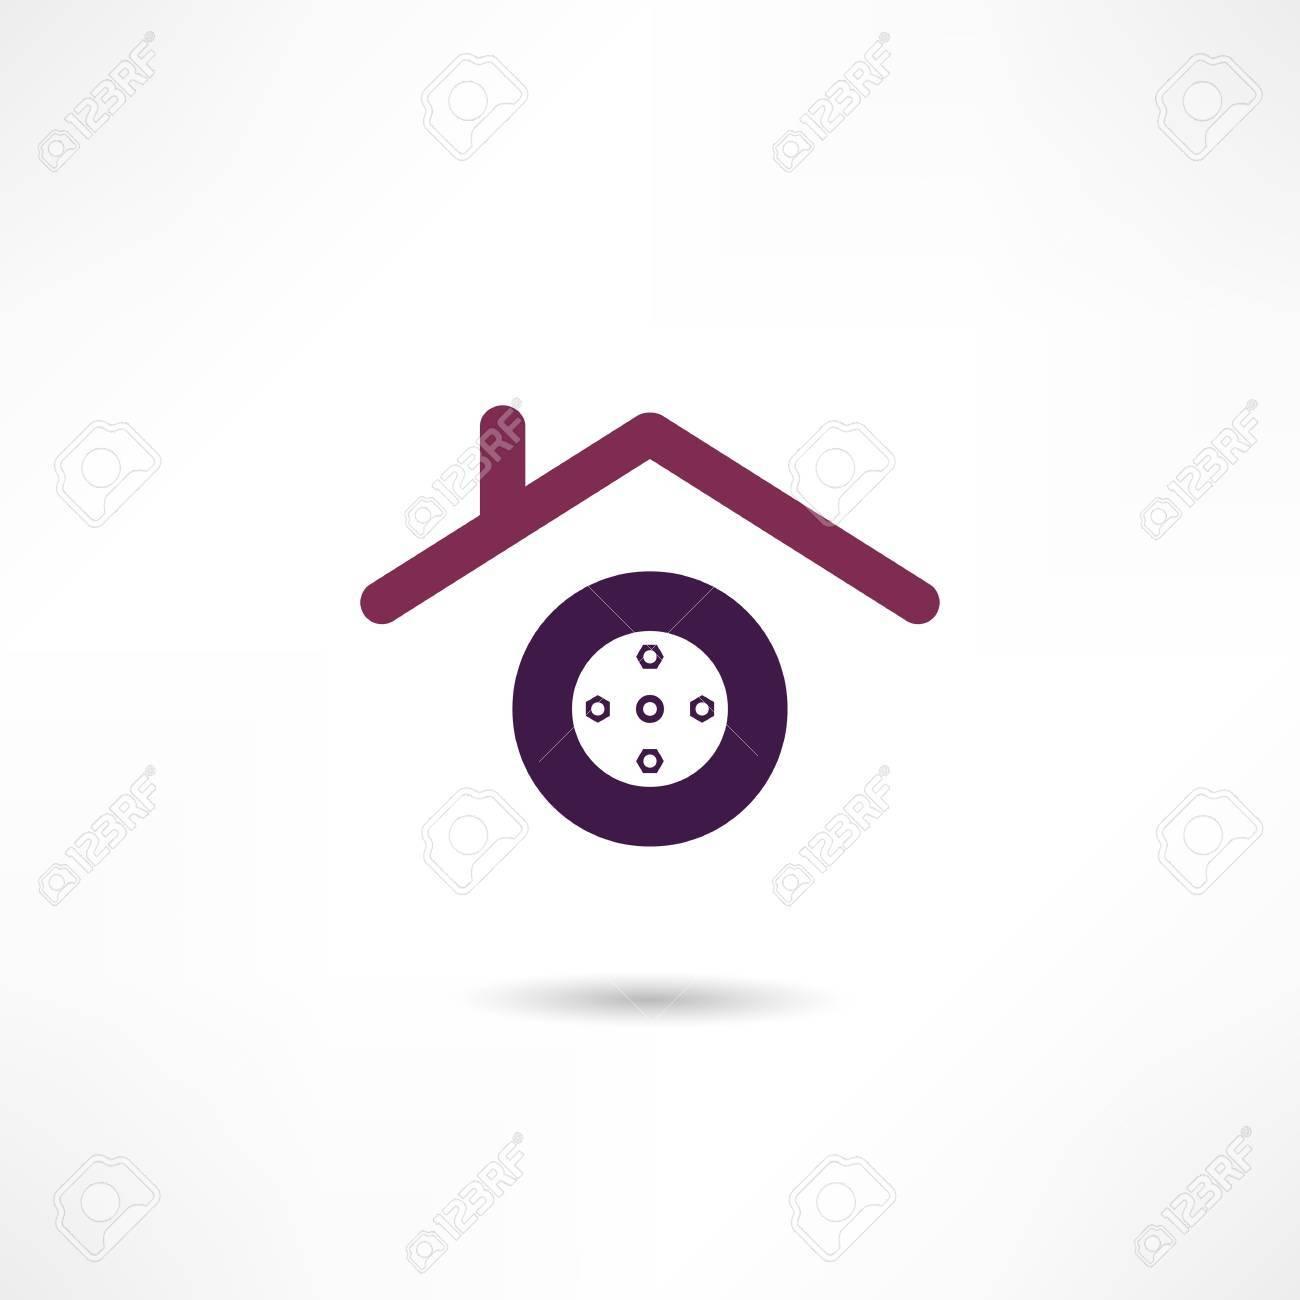 repair shop icon Stock Vector - 18694144